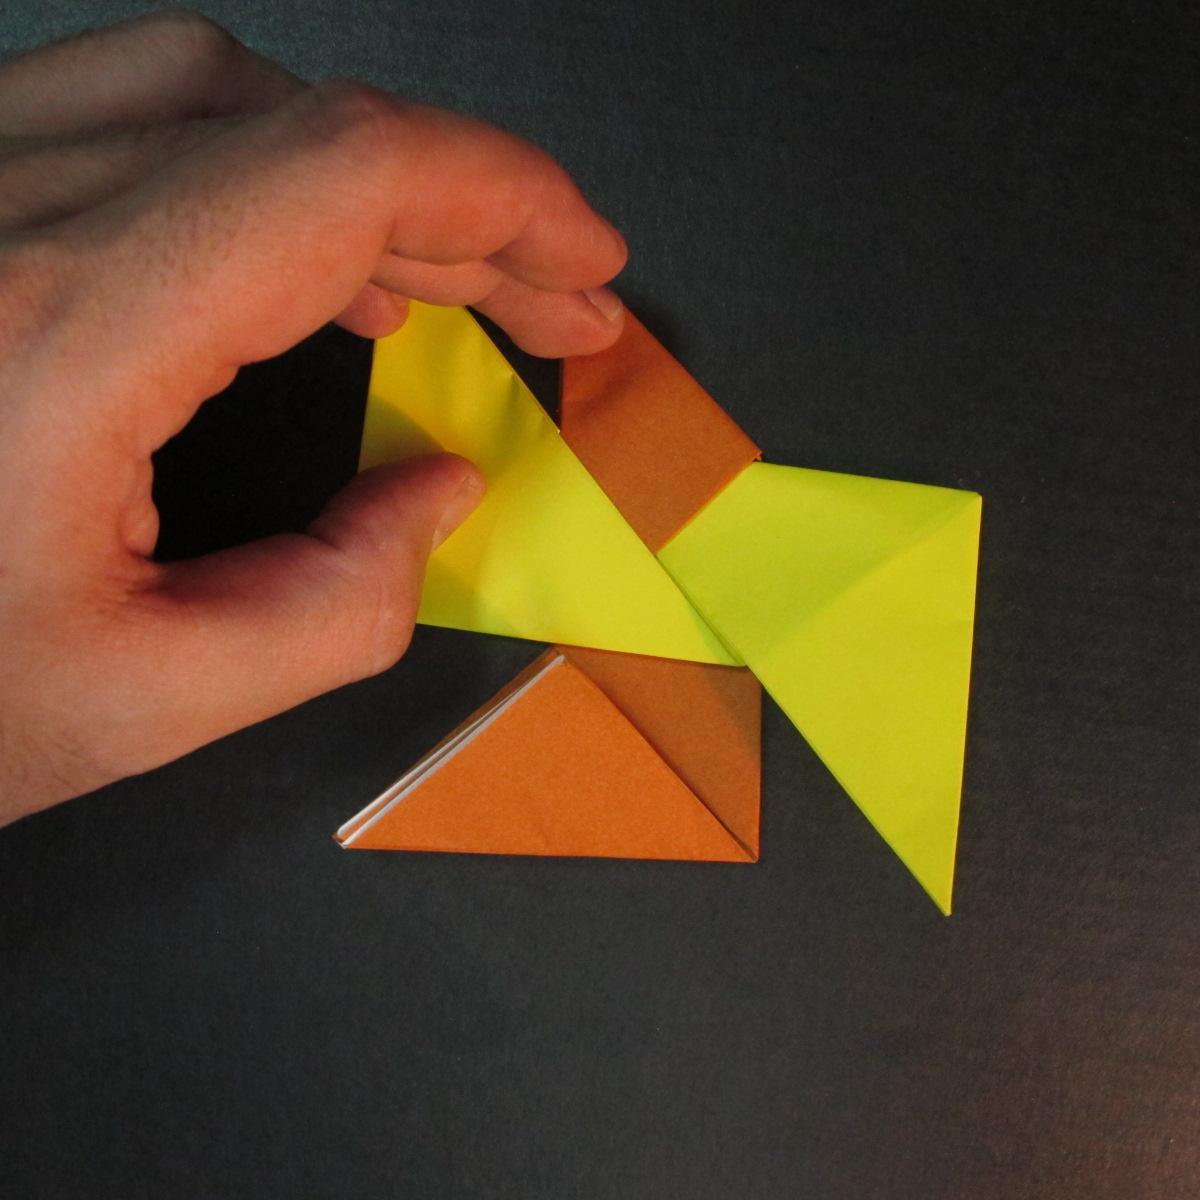 สอนวิธีพับกระดาษเป็นดาวกระจายนินจา (Shuriken Origami) - 010